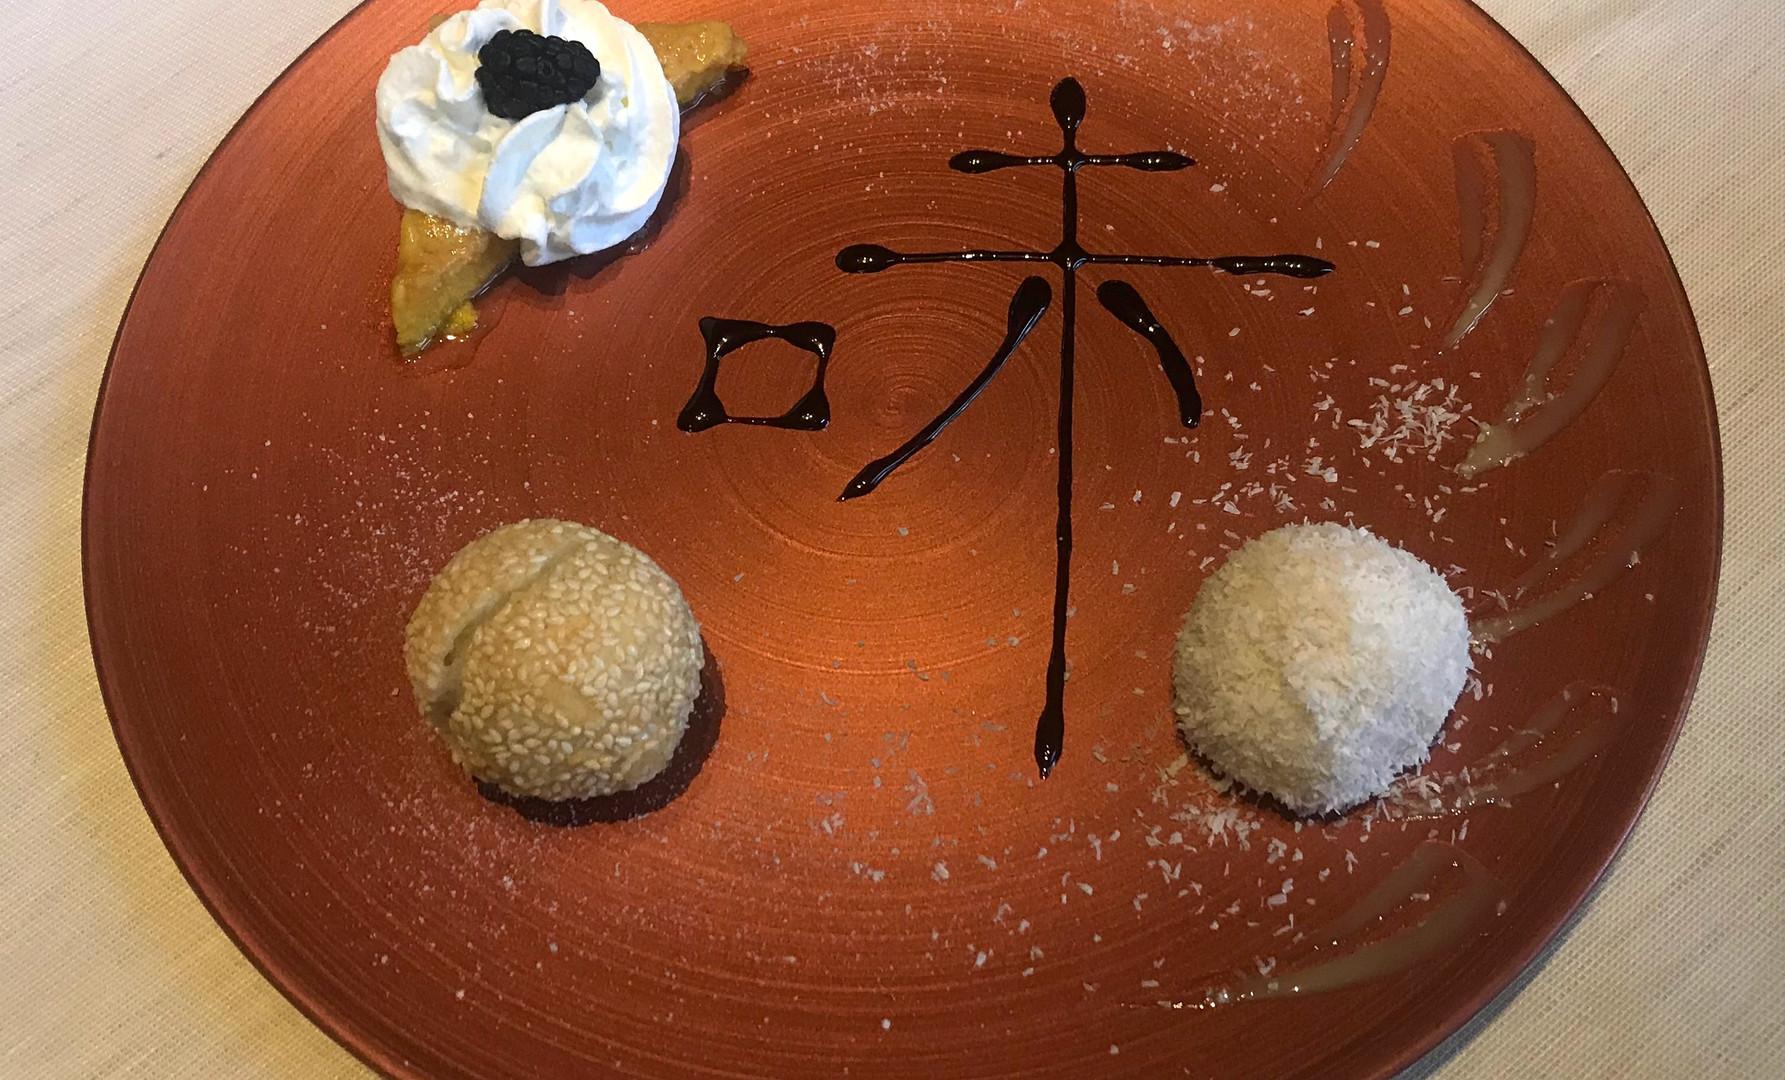 Tris di dessert: Polpetta di riso al vapore con cocco, Budino di zucca con panna, Polpetta di riso fritta con sesamo